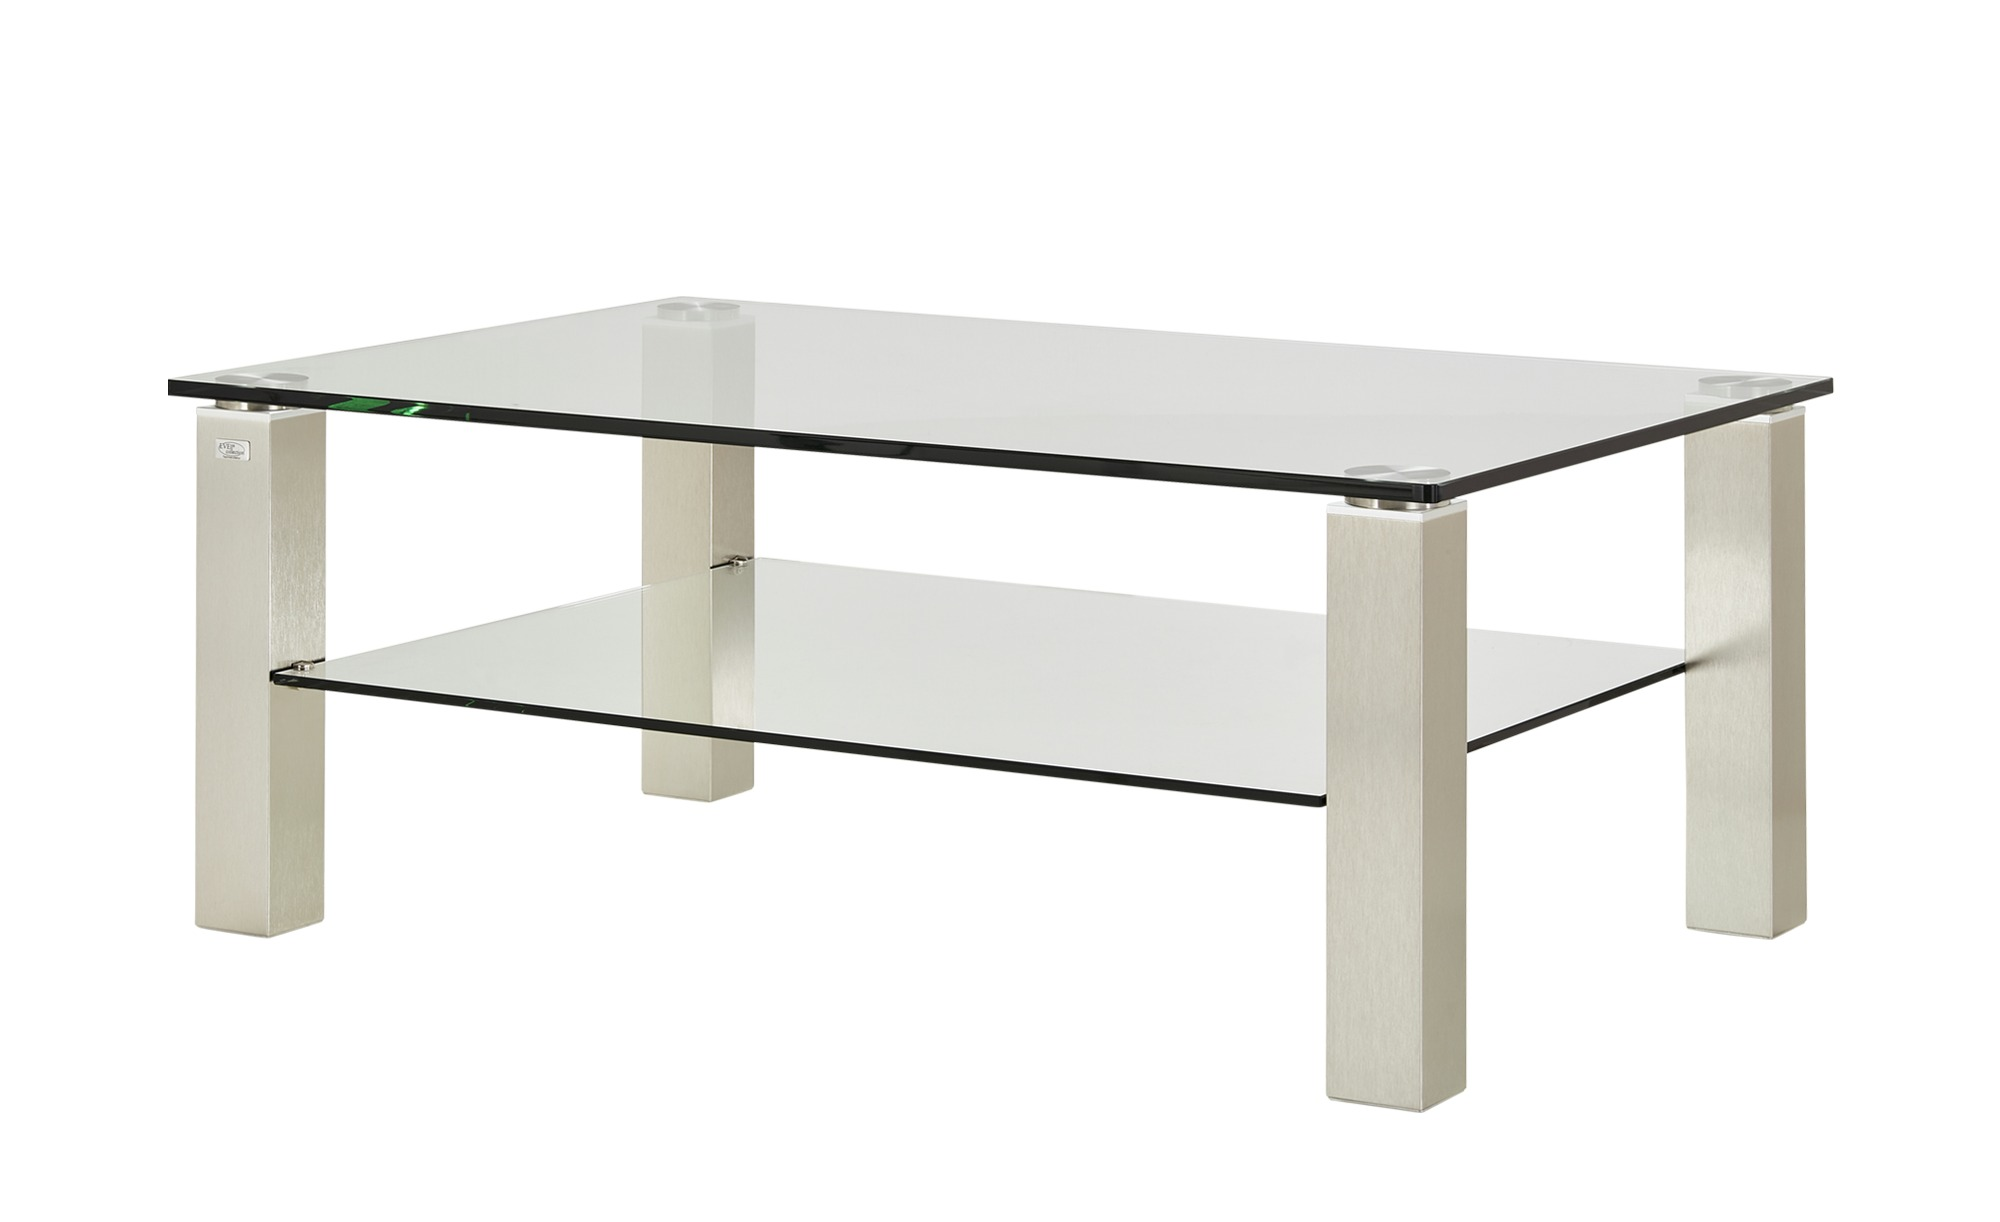 Couchtisch  Rimini ¦ silber ¦ Maße (cm): B: 80 H: 48,5 T: 80 Tische > Couchtische > Couchtische rechteckig - Höffner